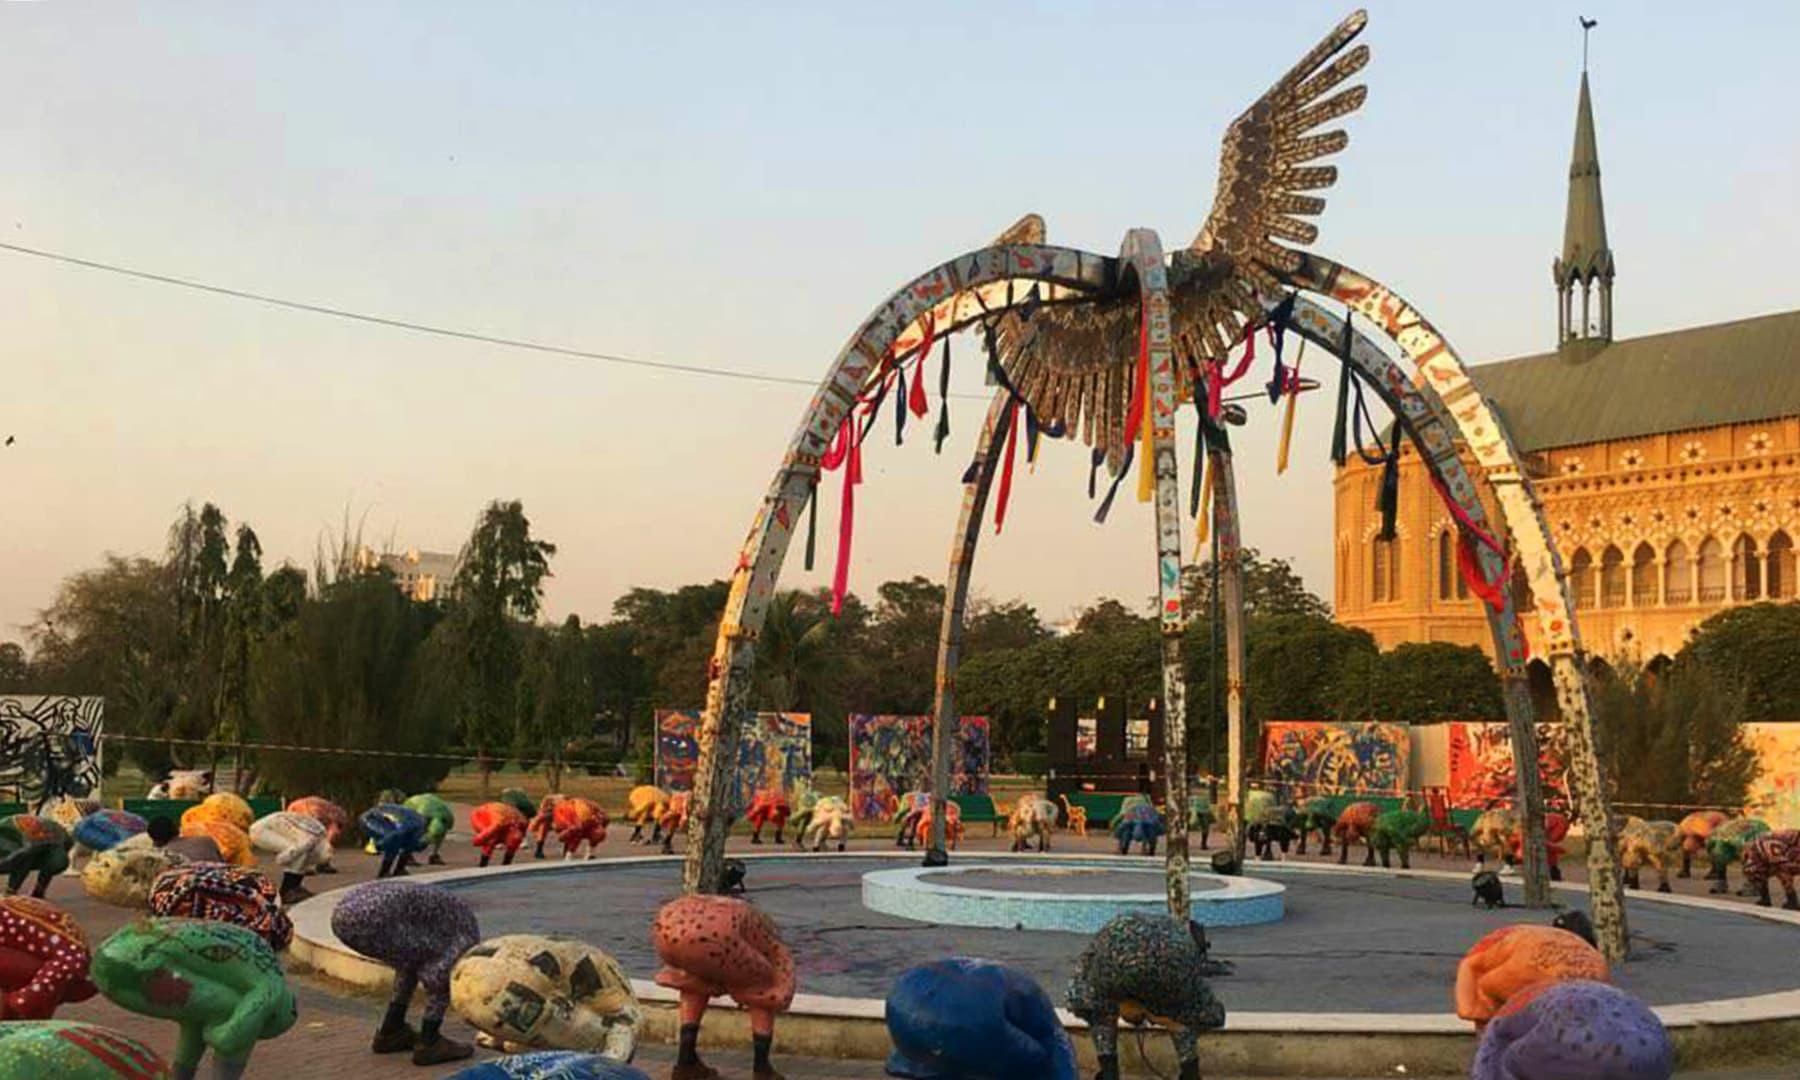 سید جمال شاہ کے آرٹ ورک میں ایک پنجرہ اور پرندہ بھی دکھایا گیا ہے—تصویر امیر محمد خان